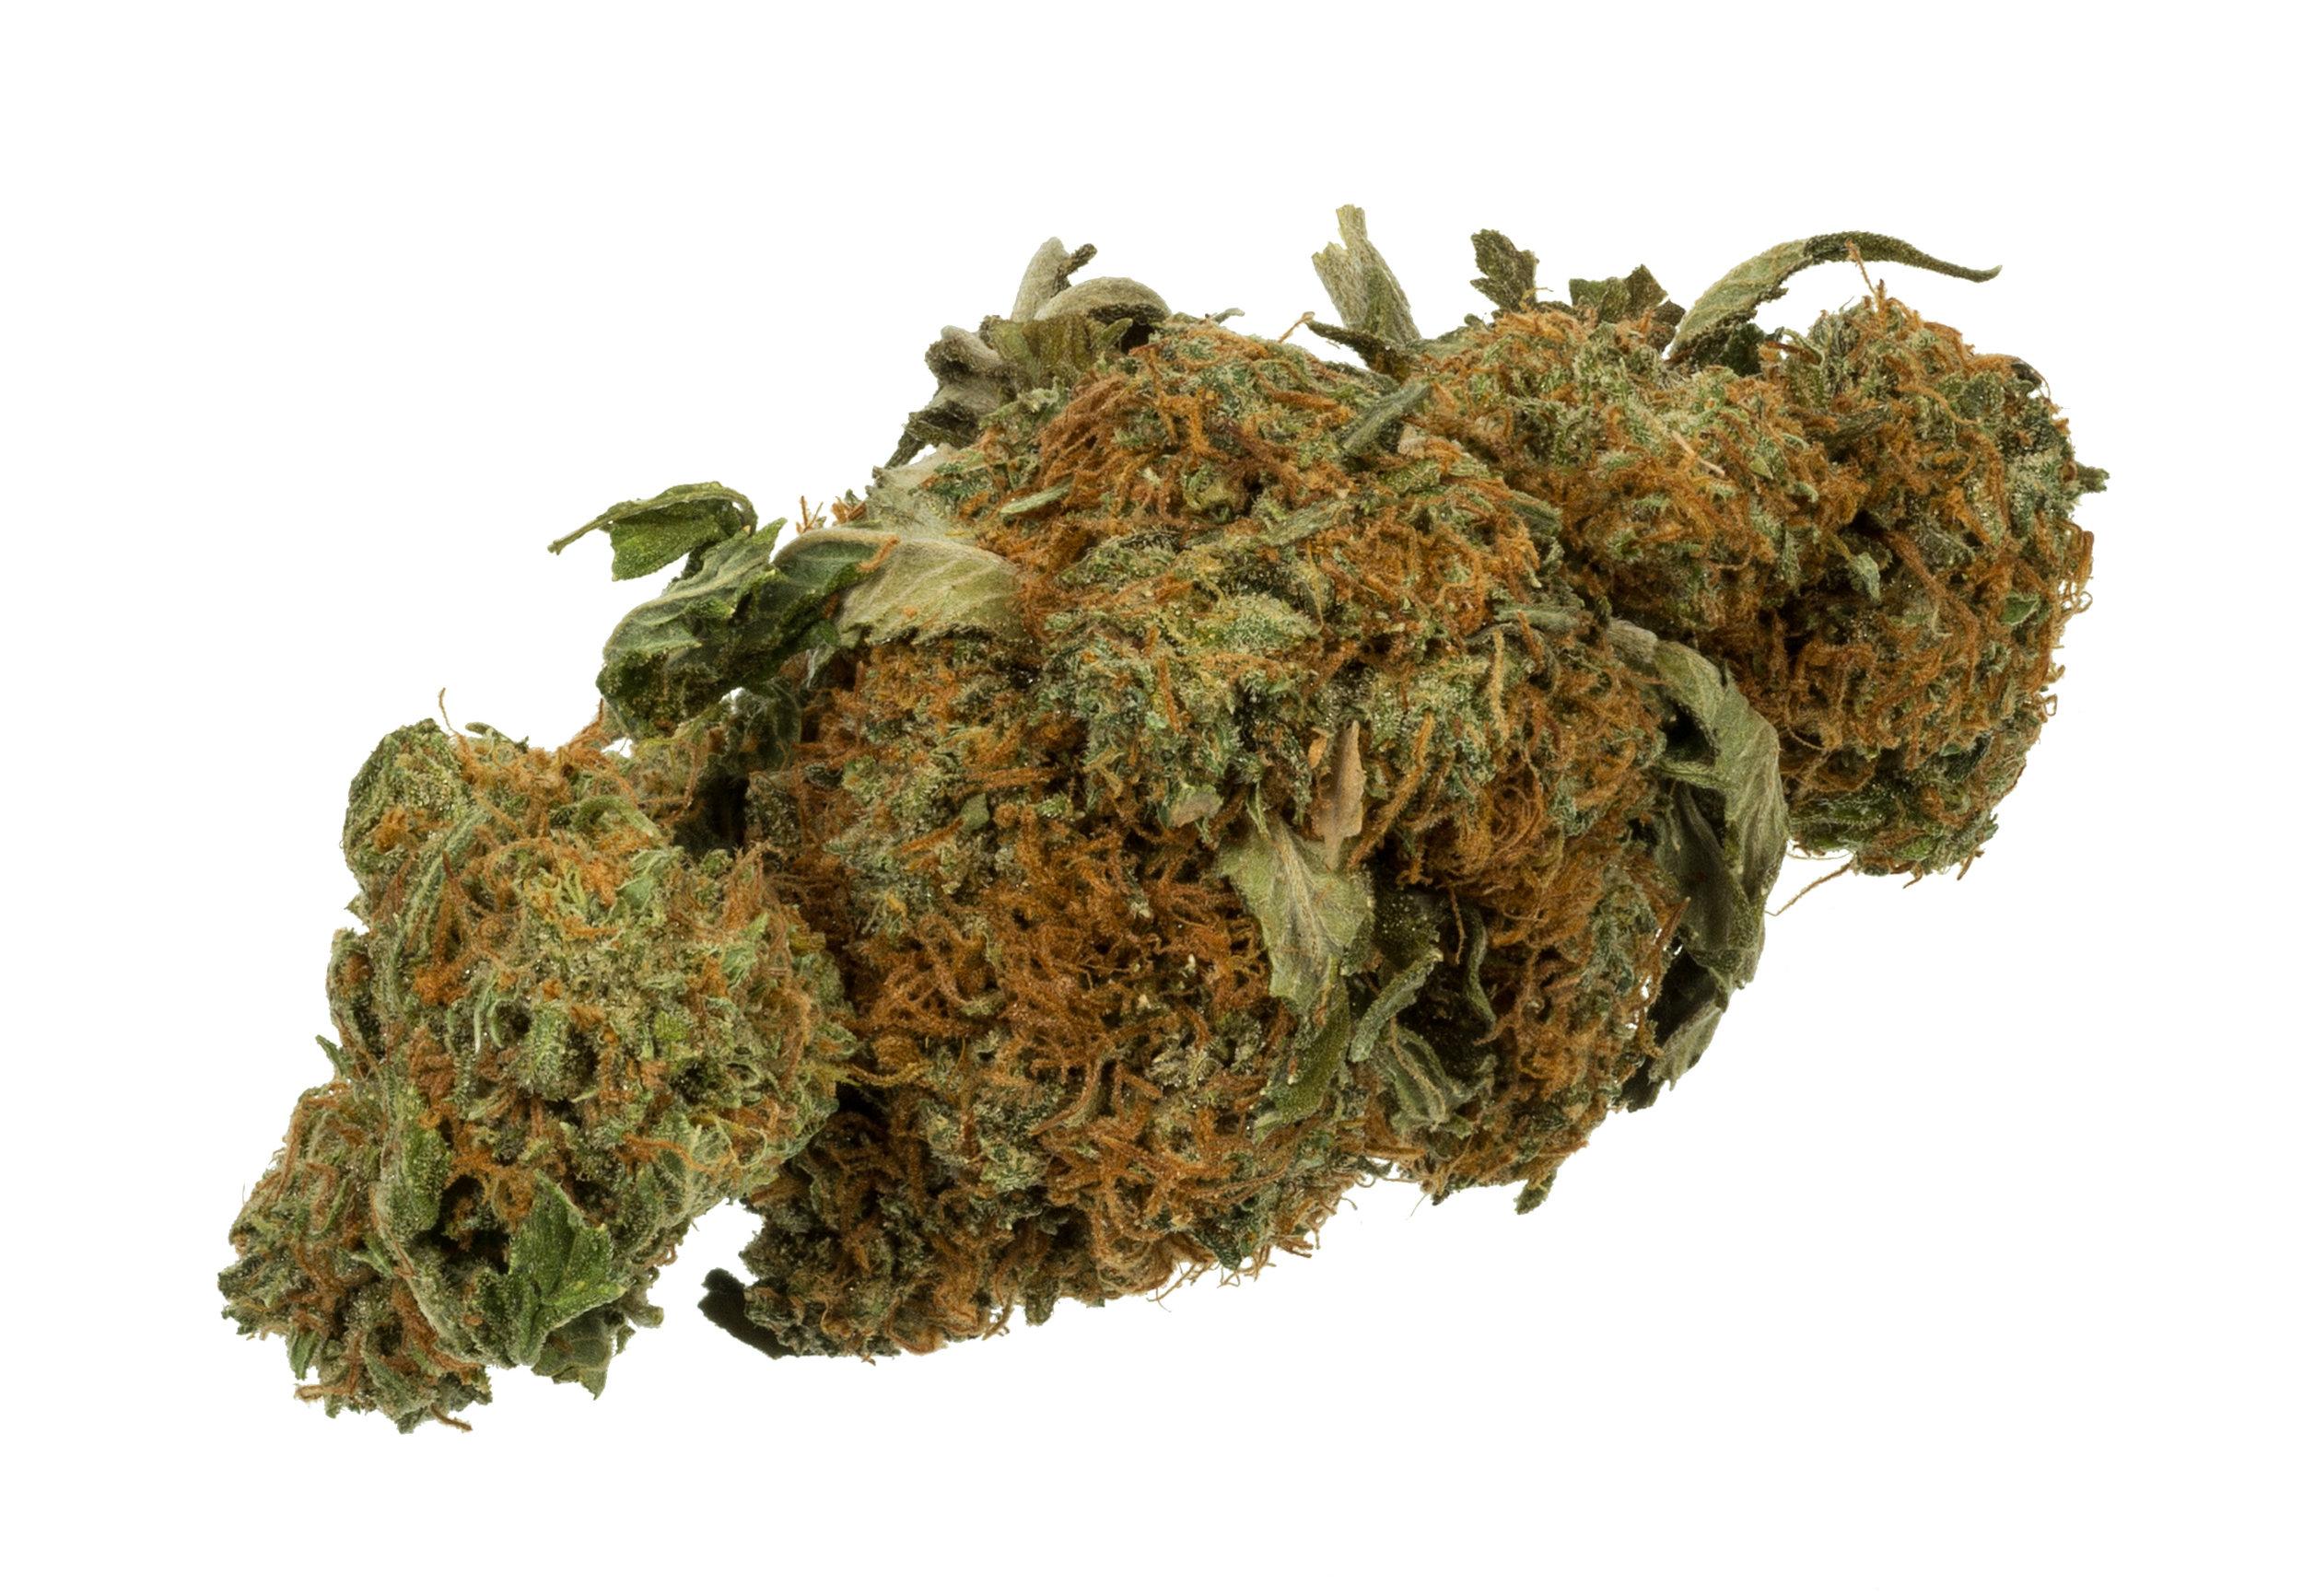 Dried cannabis leaves.